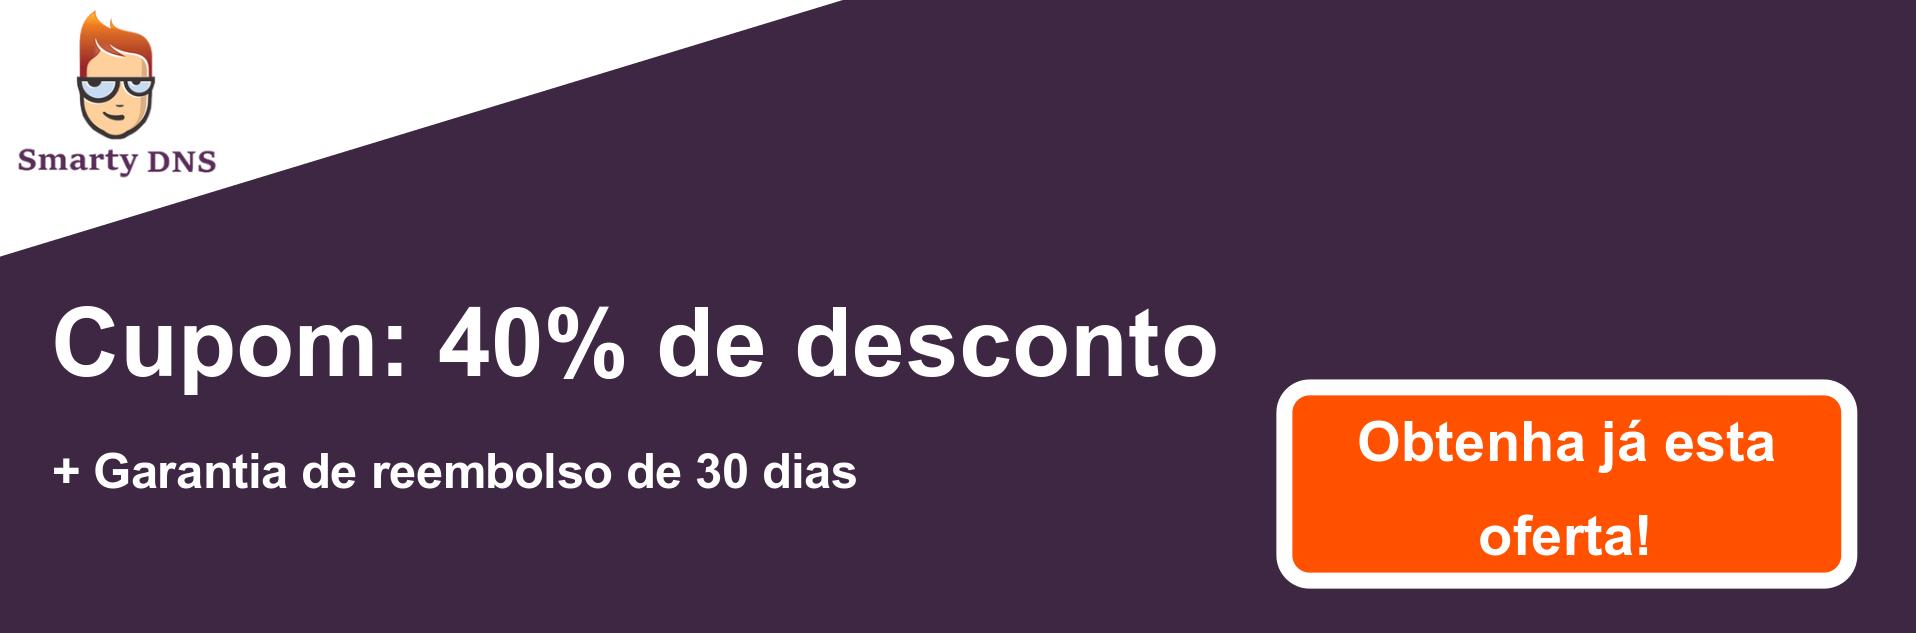 Banner de cupom do SmartyDNS - 40% de desconto